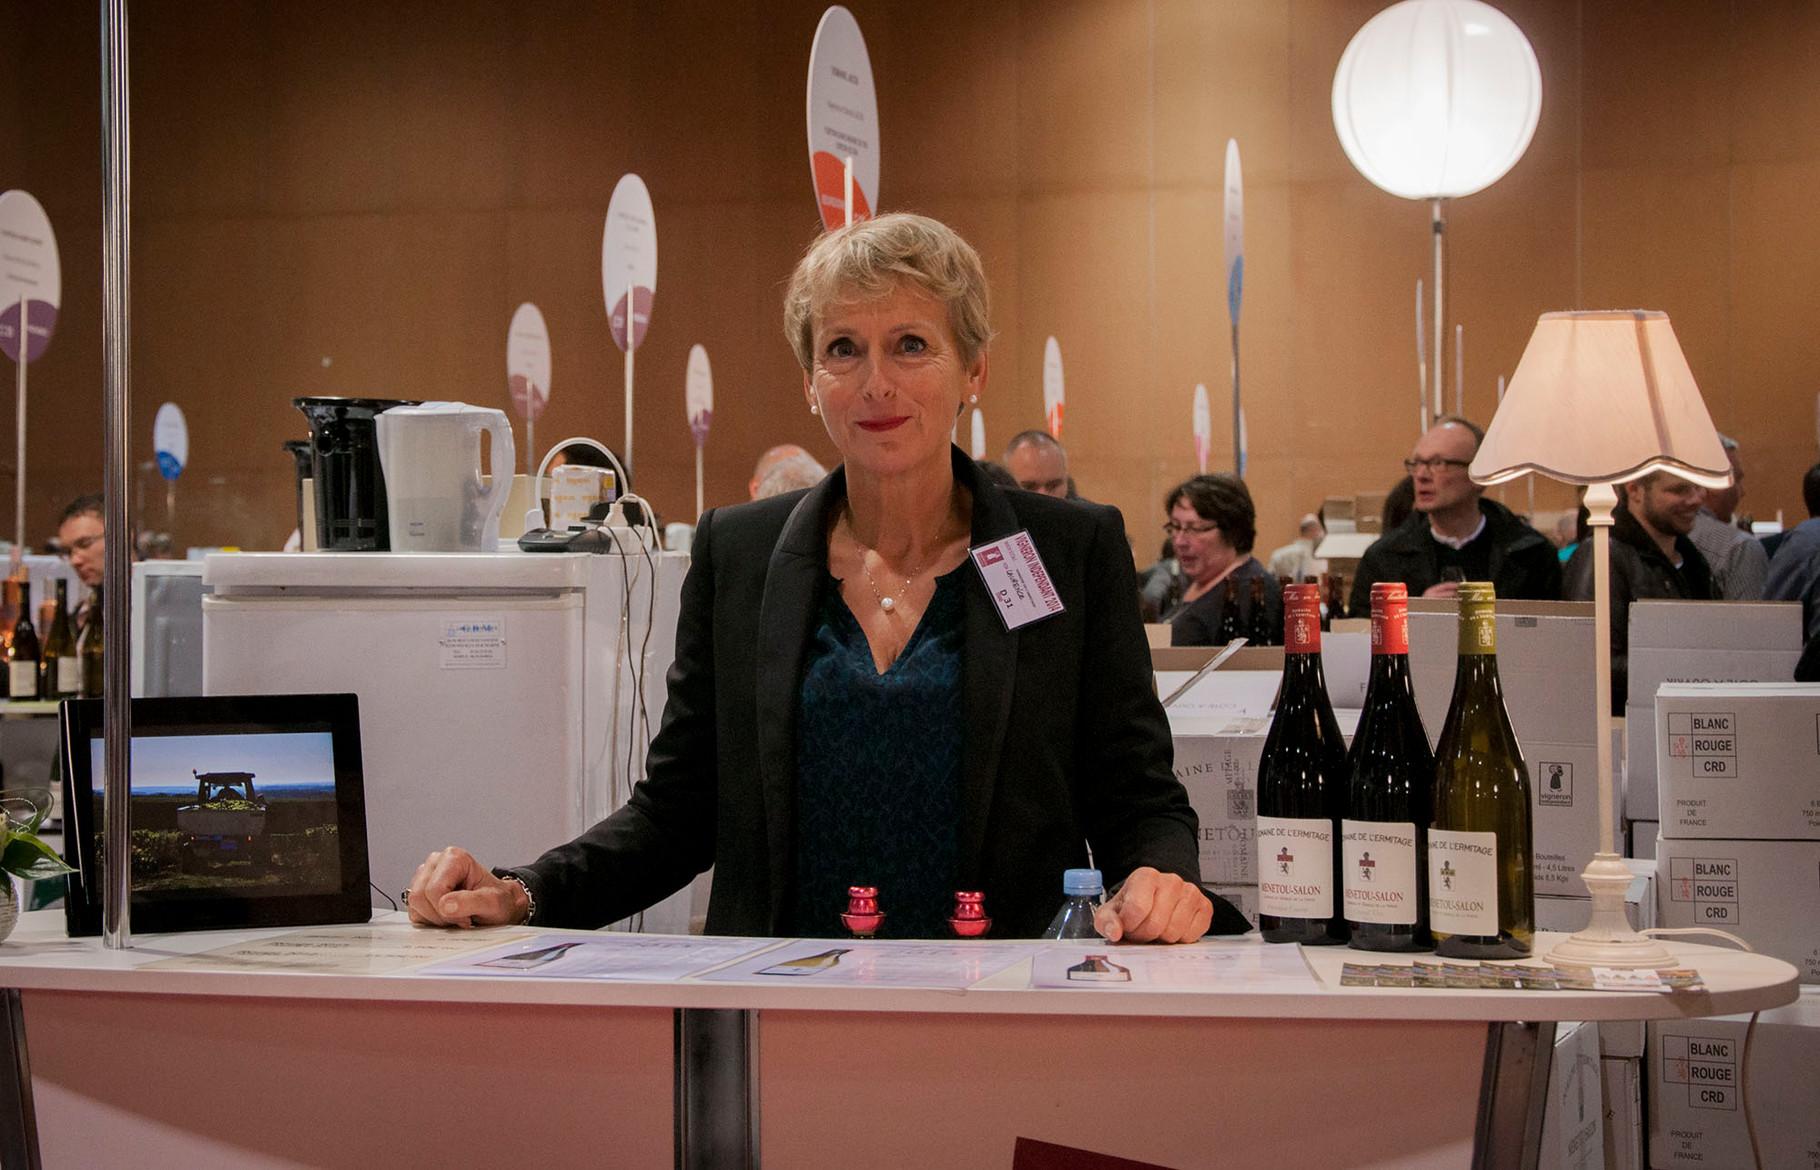 Les salons les vins de menetou salon aoc domaine de l 39 ermitage - Menetou salon domaine de l ermitage ...